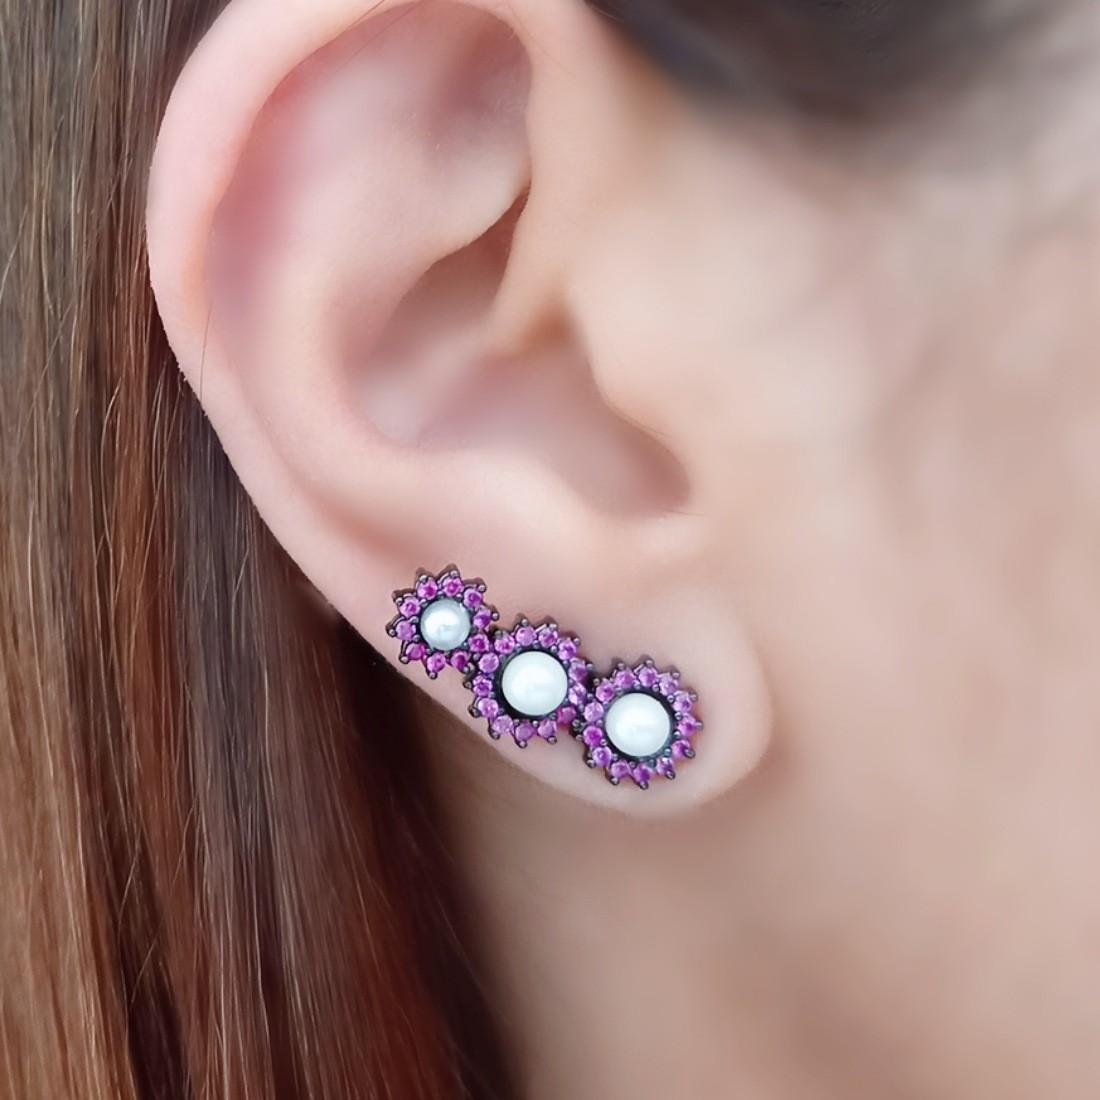 Brinco Ear Cuff de Pérola Shell com Zircônia Rubi Rosa Semijoia em Ródio Negro  - Soloyou